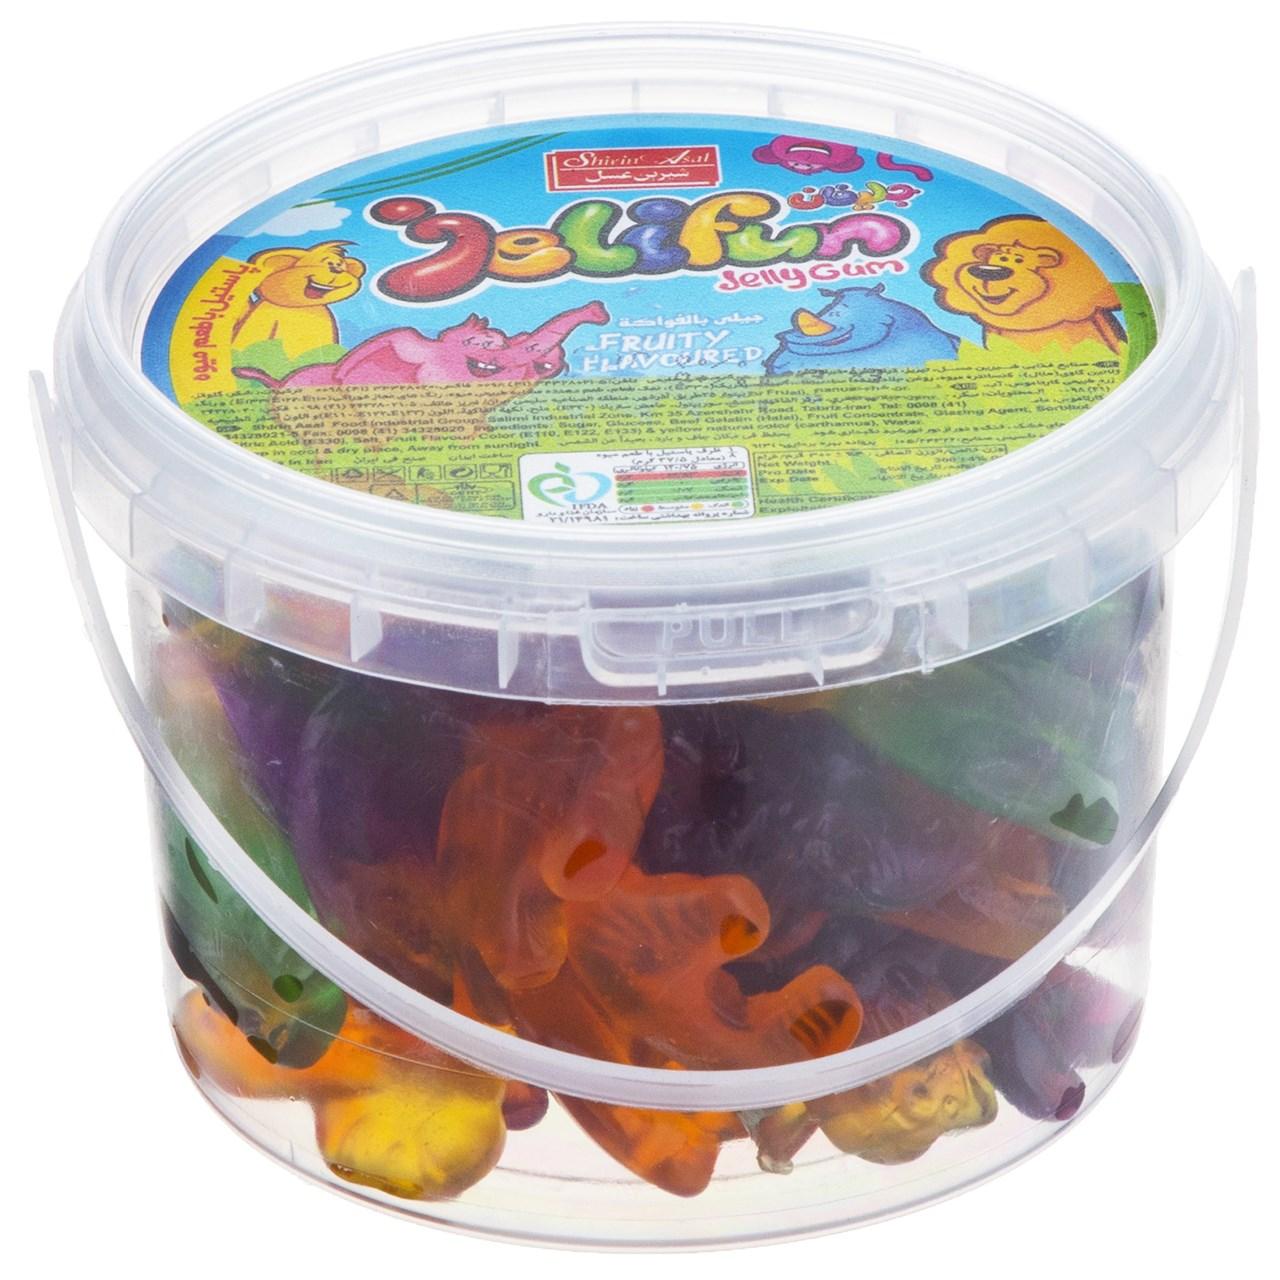 پاستیل میوه ای شیرین عسل مدل Animals مقدار 300 گرم